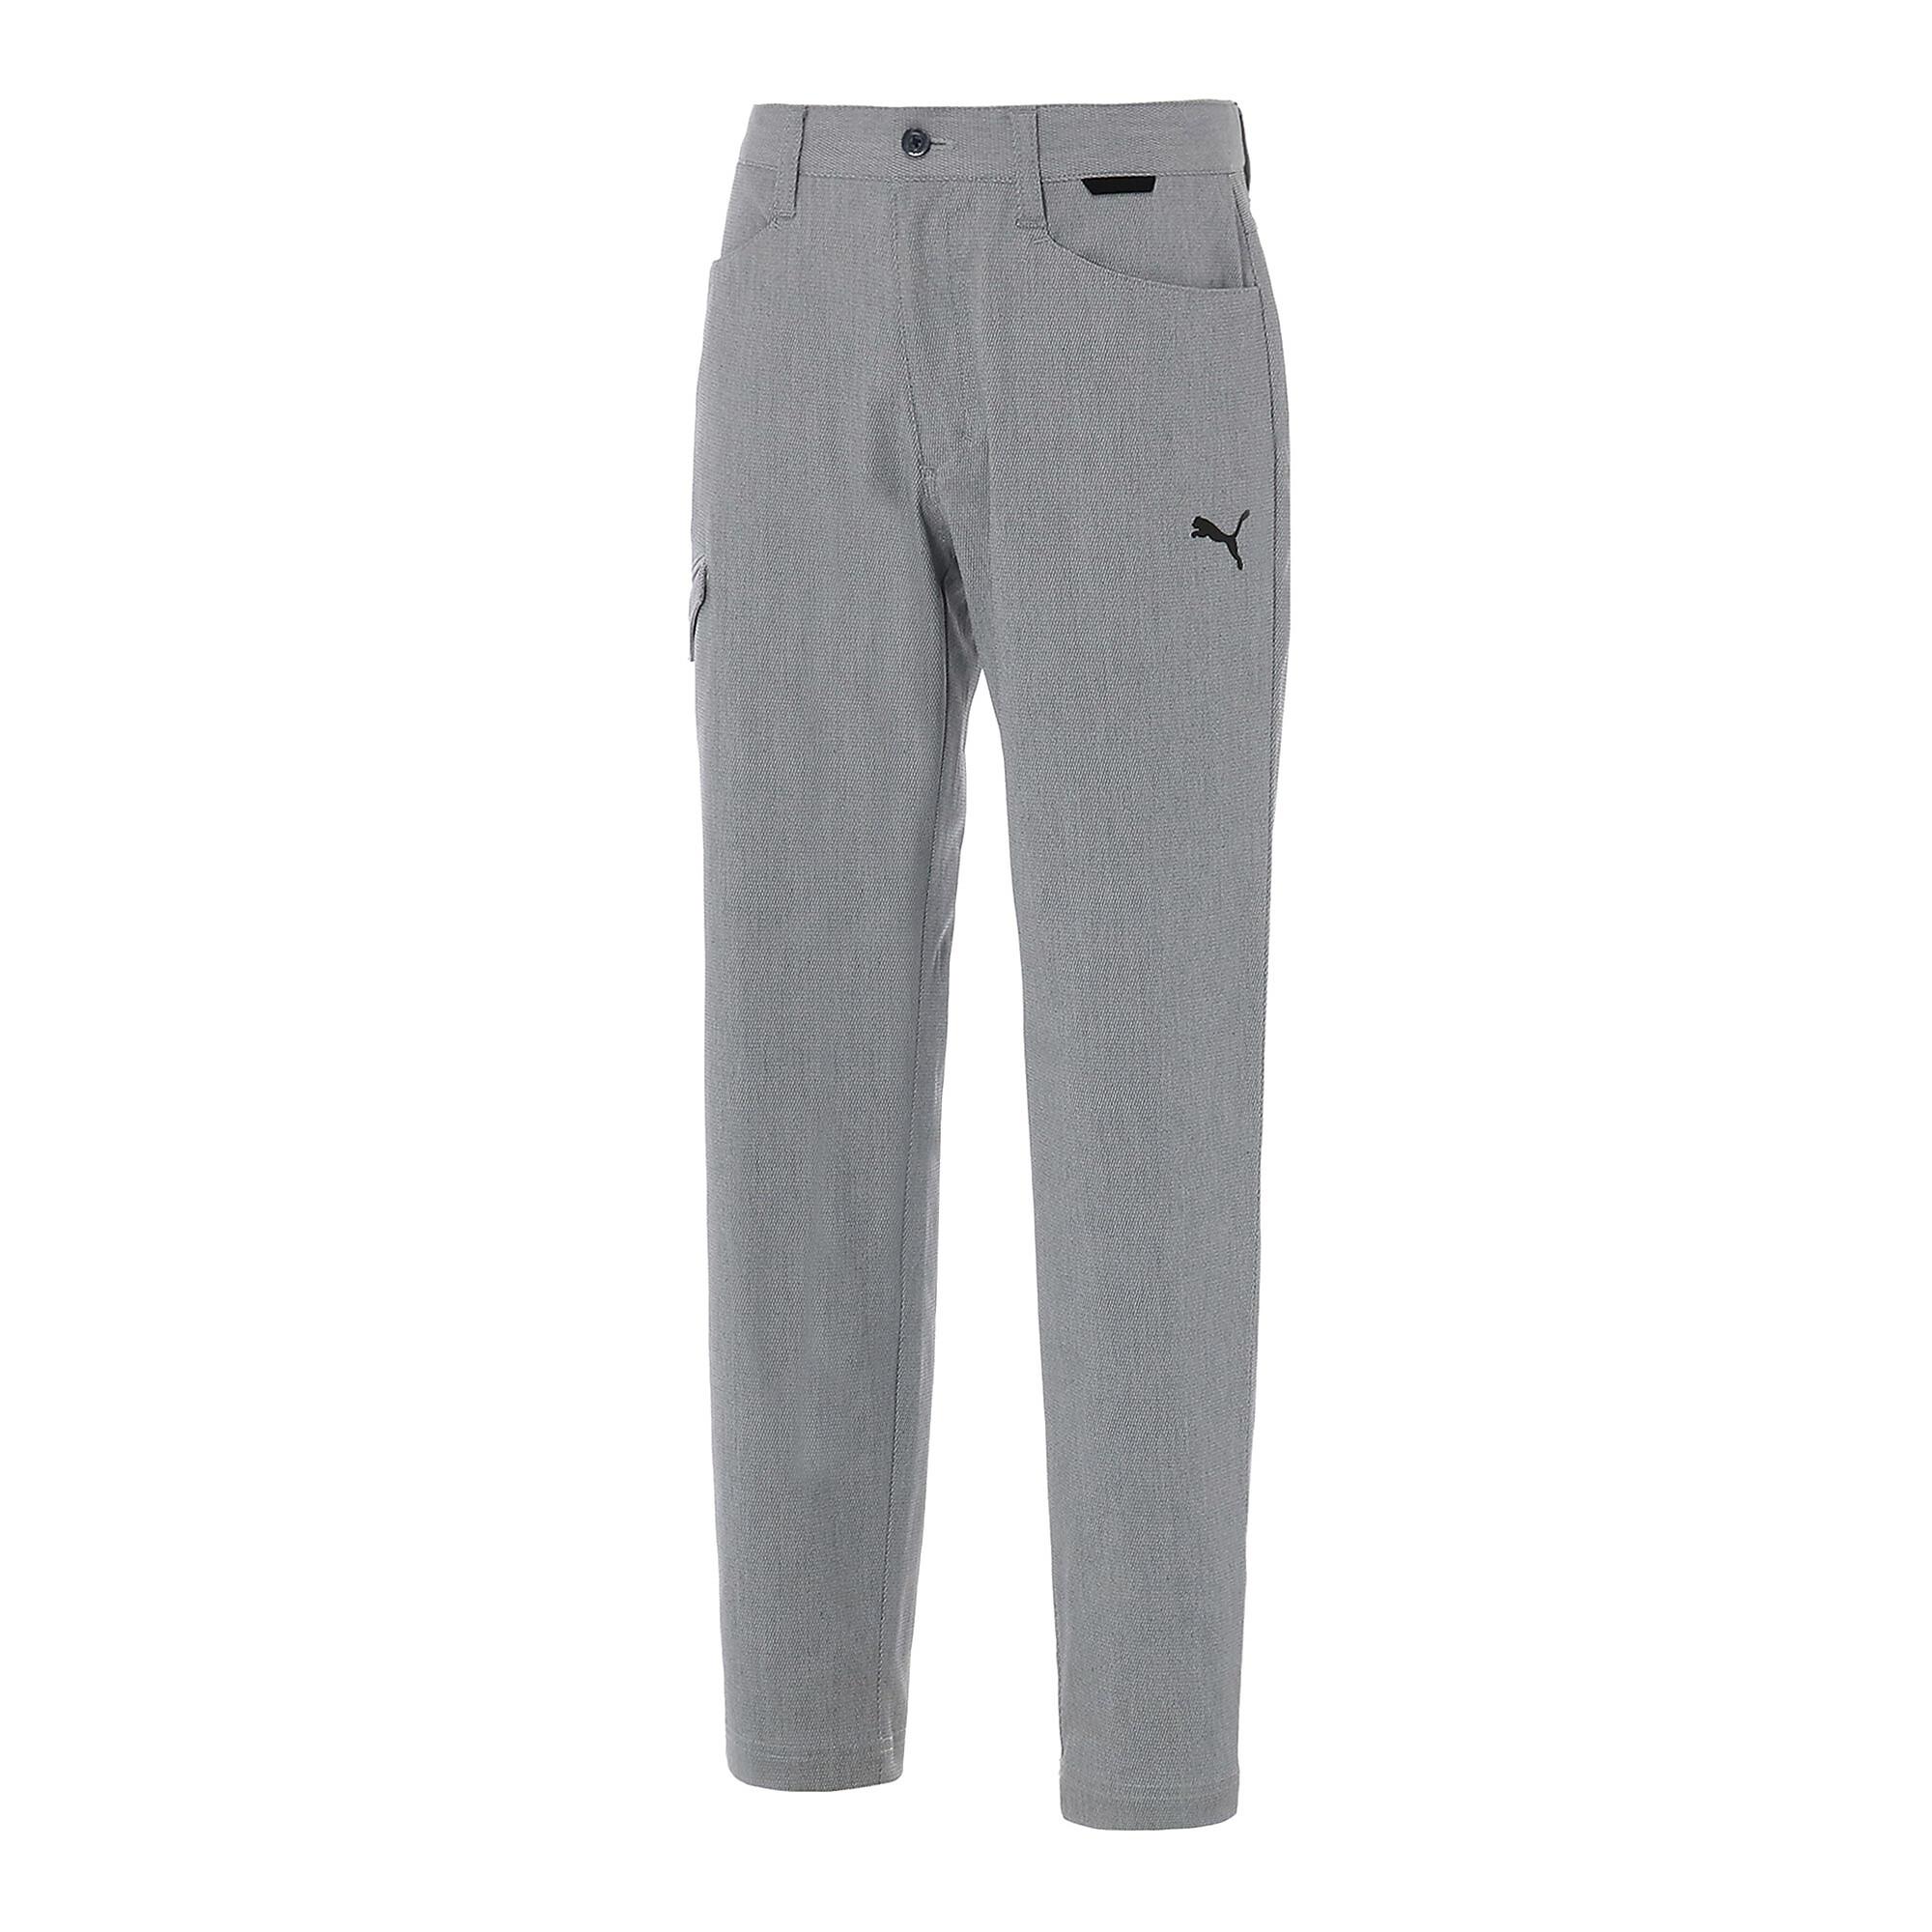 【プーマ公式通販】 プーマ ゴルフ ハイパワードビー テーパード パンツ メンズ Quarry |PUMA.com